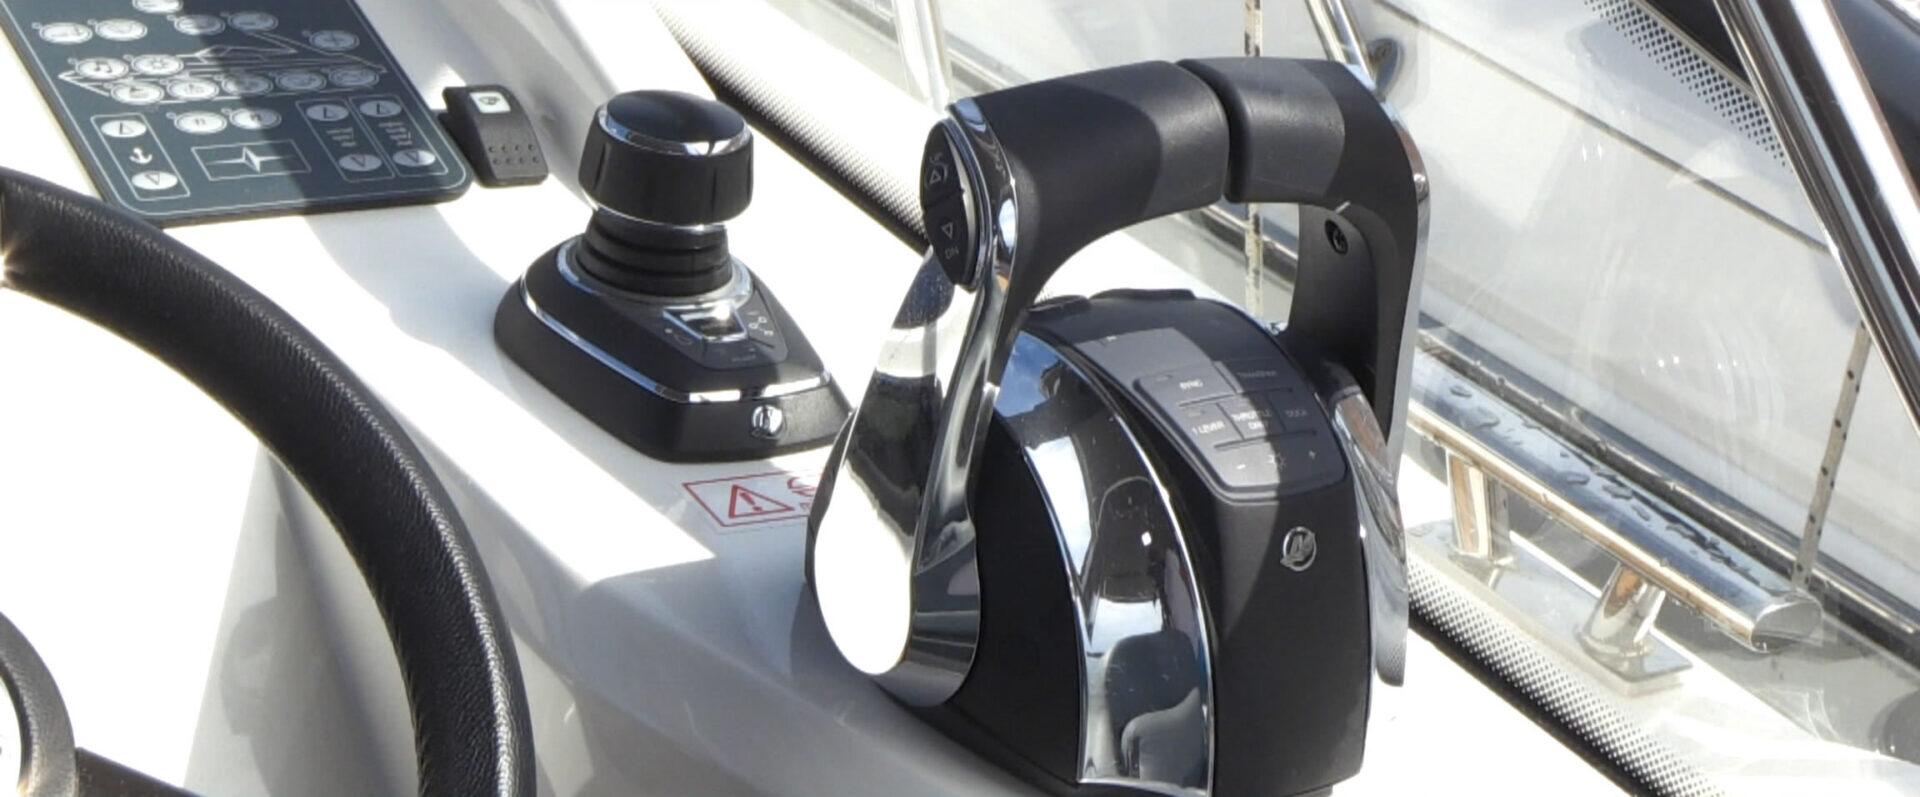 Motoryacht mit Joystick Steuerung